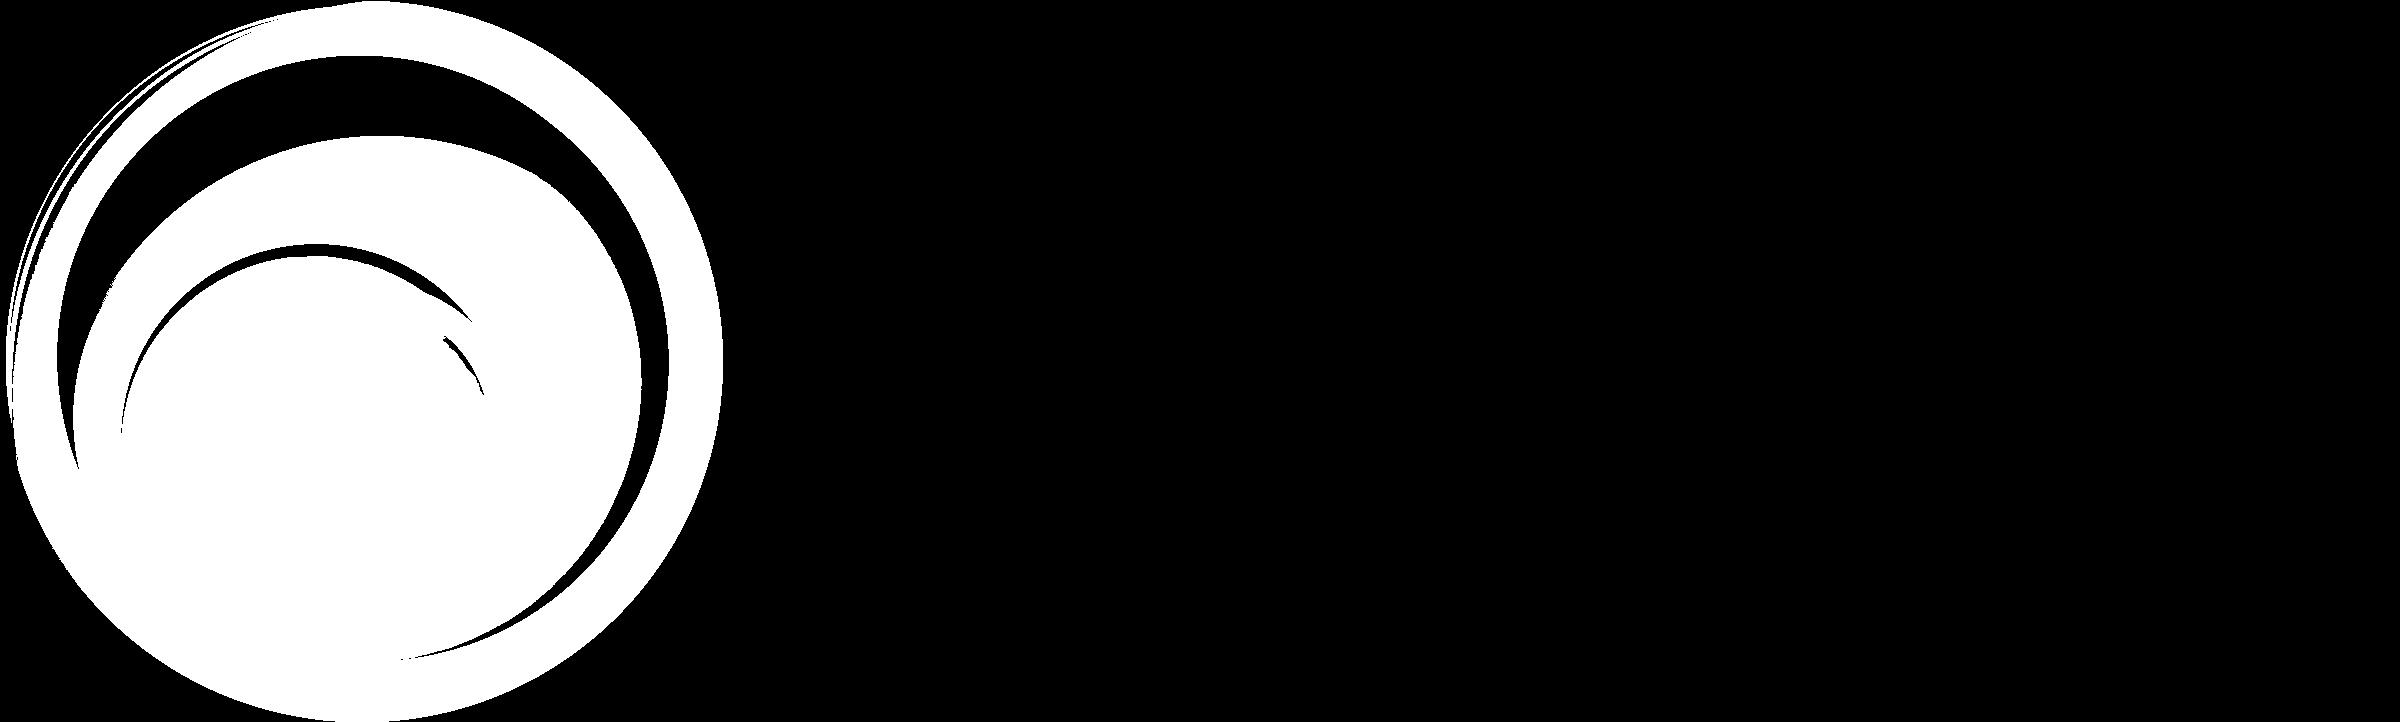 Ubisoft Logo Png Transparent Svg Vector Freebie Supply